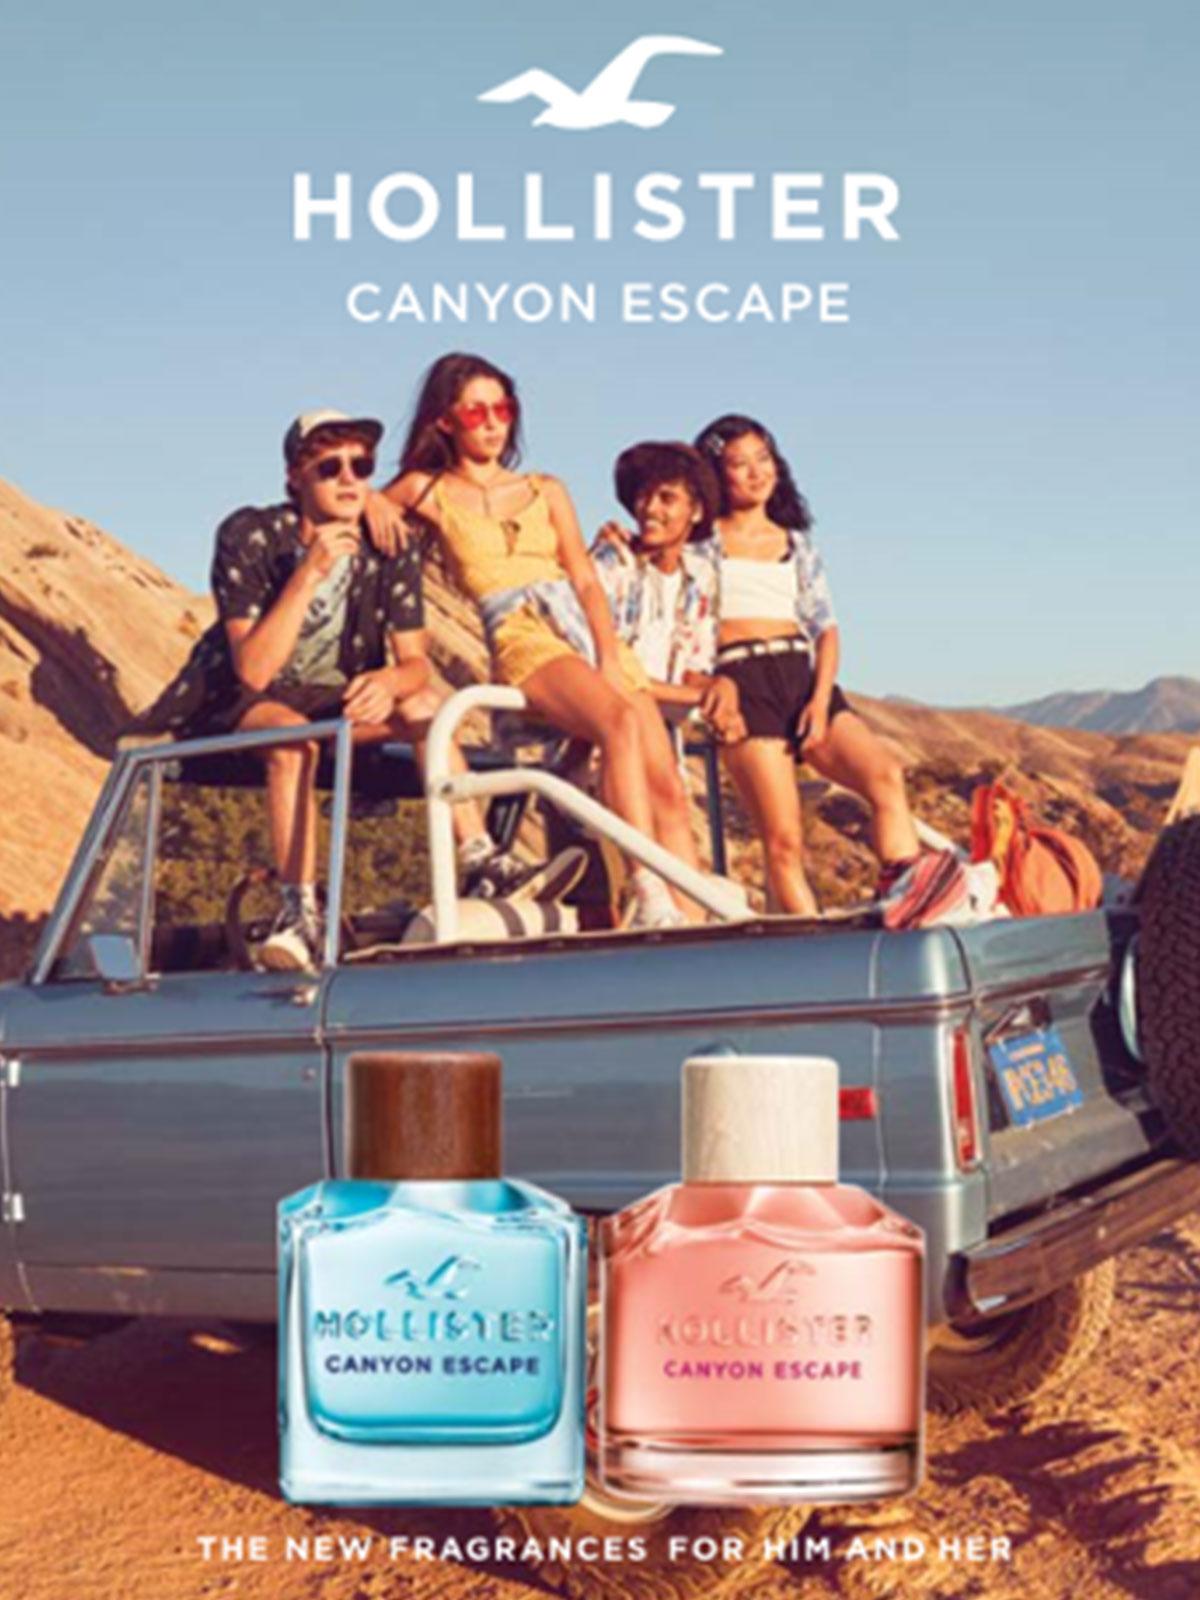 Ein Bild eines Hollister Parfum Visuals